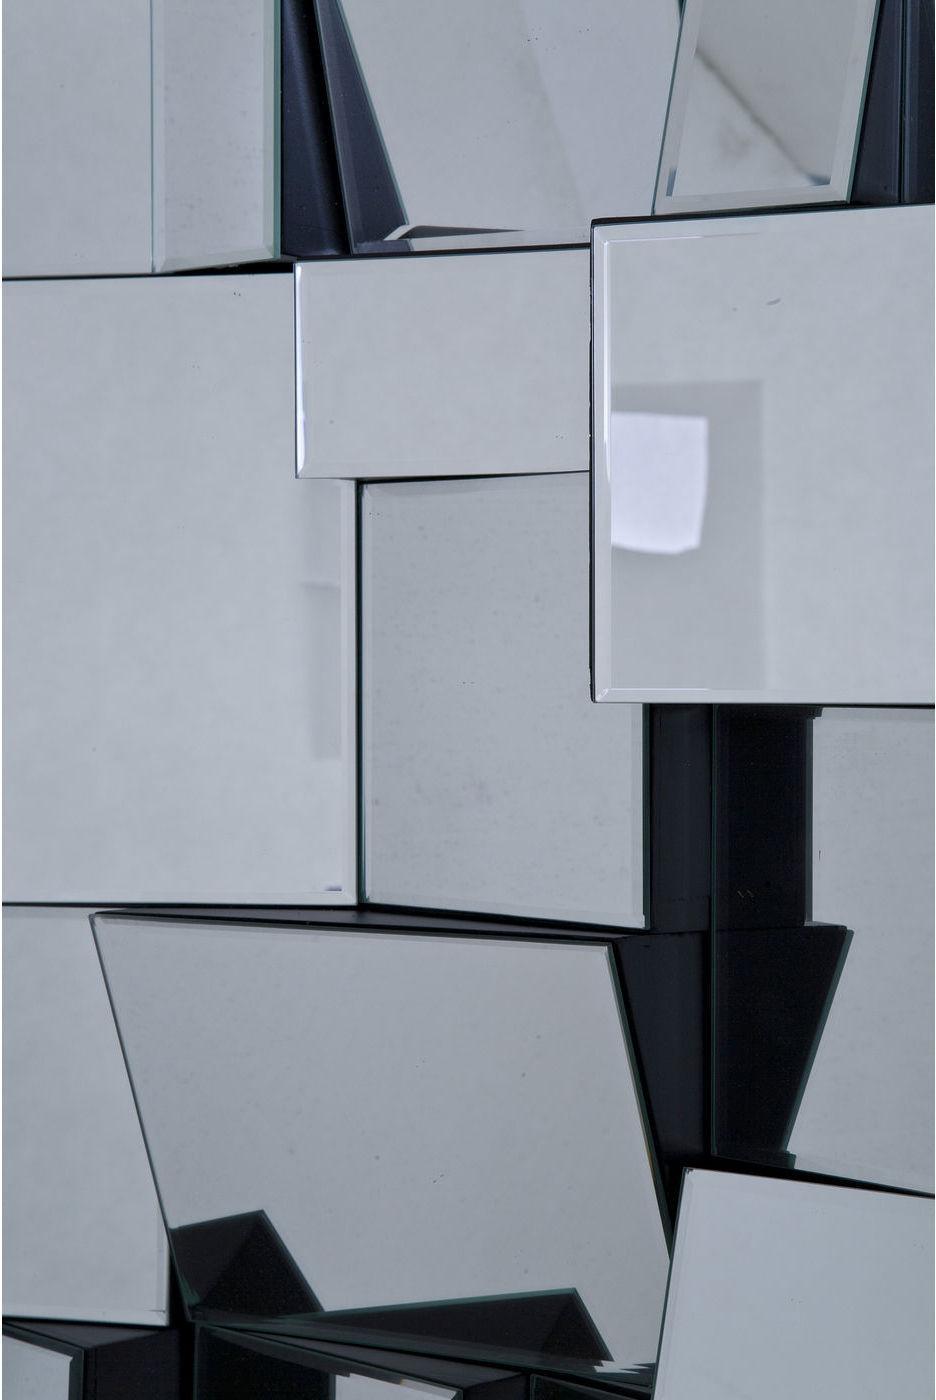 spiegel involuto 120x80 kare design kaufen wohn und lifestylewebshop. Black Bedroom Furniture Sets. Home Design Ideas